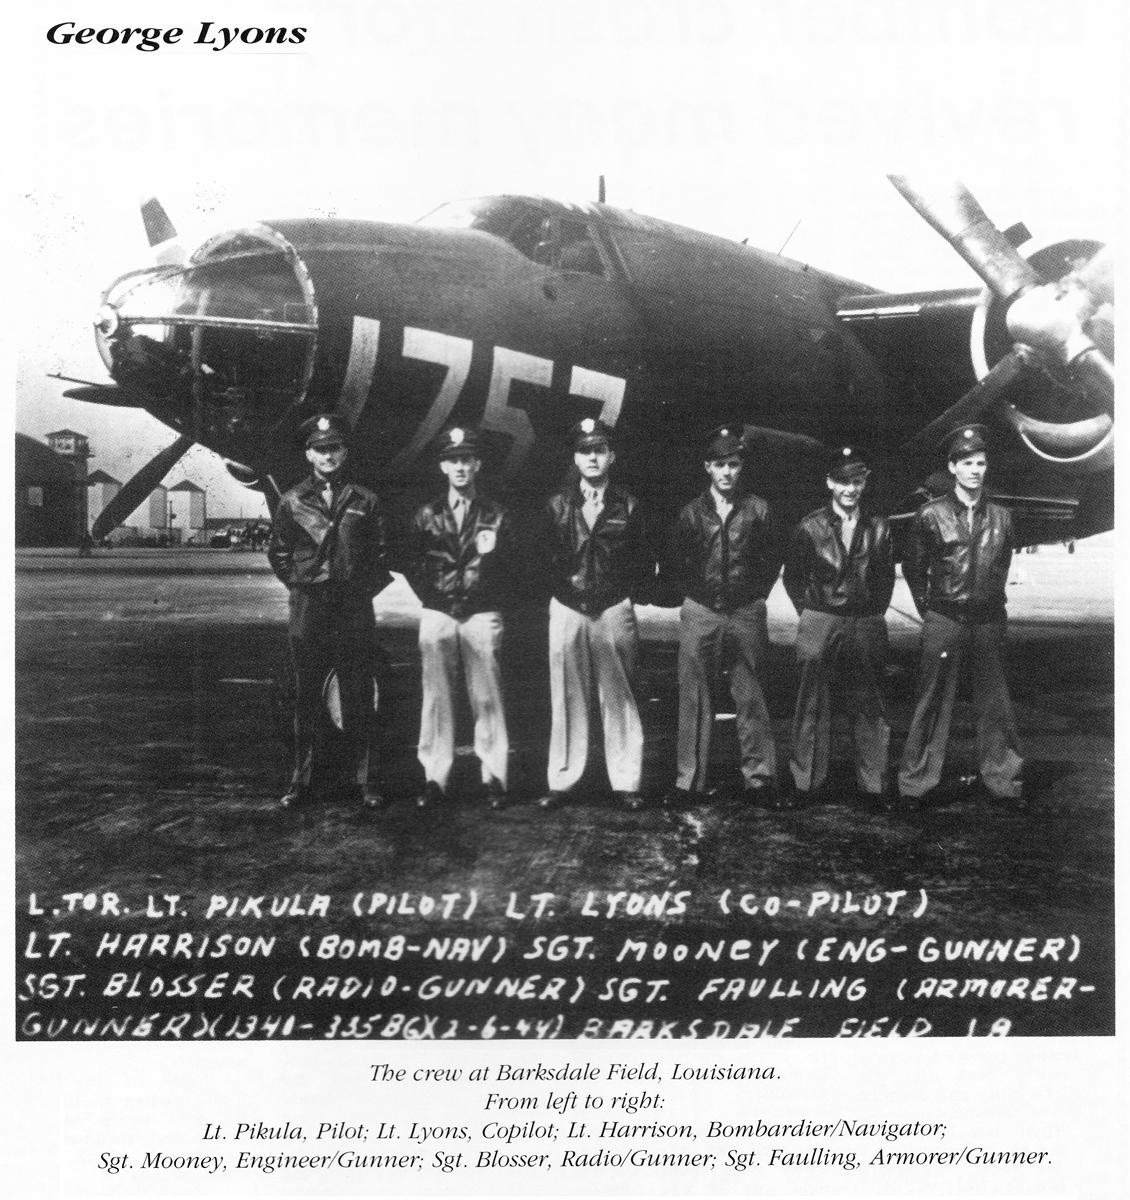 George Lyons crew